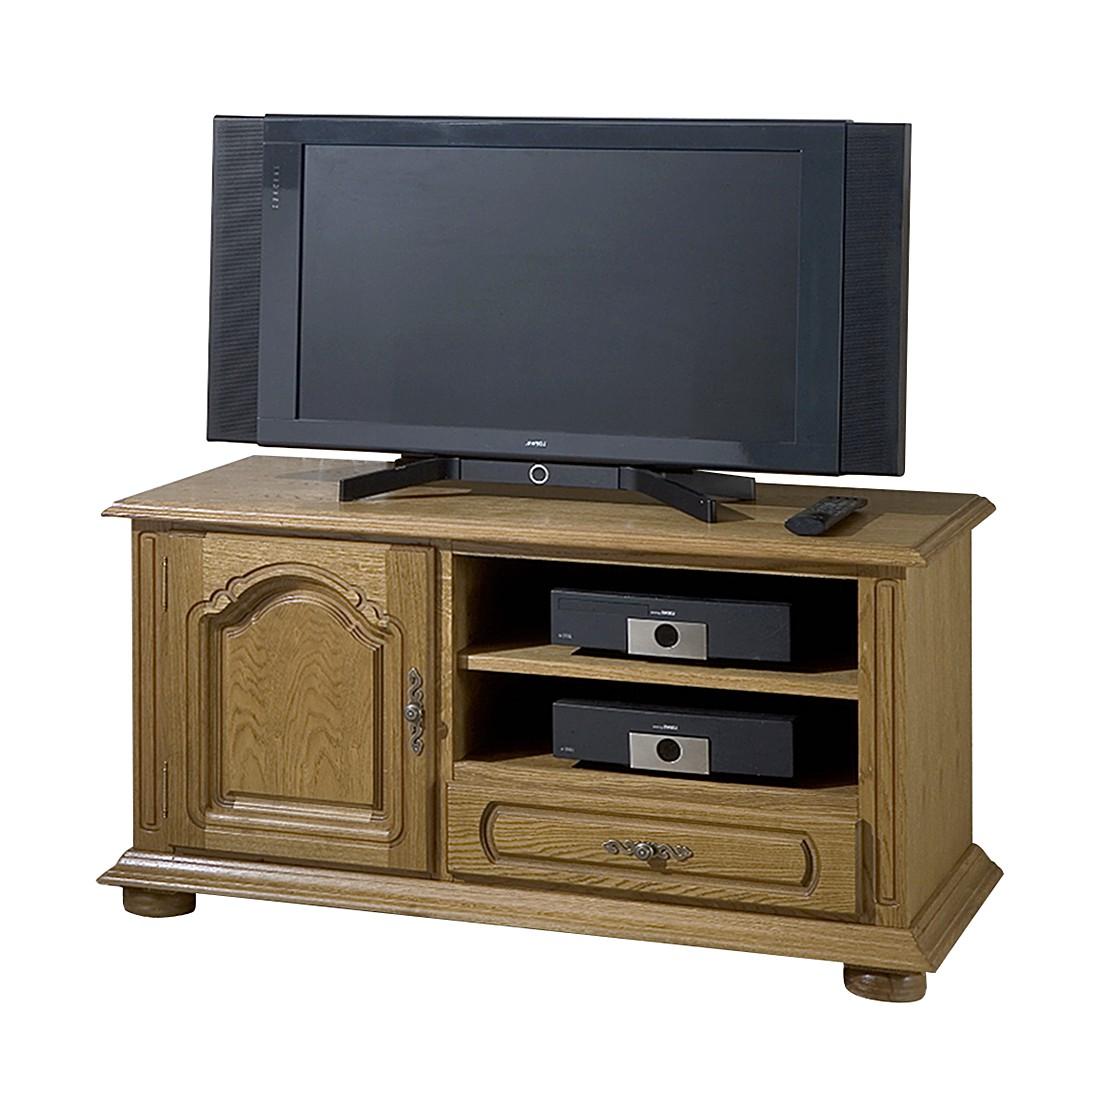 Tv-lowboard Sylt - kastelement links, Landhaus Classic